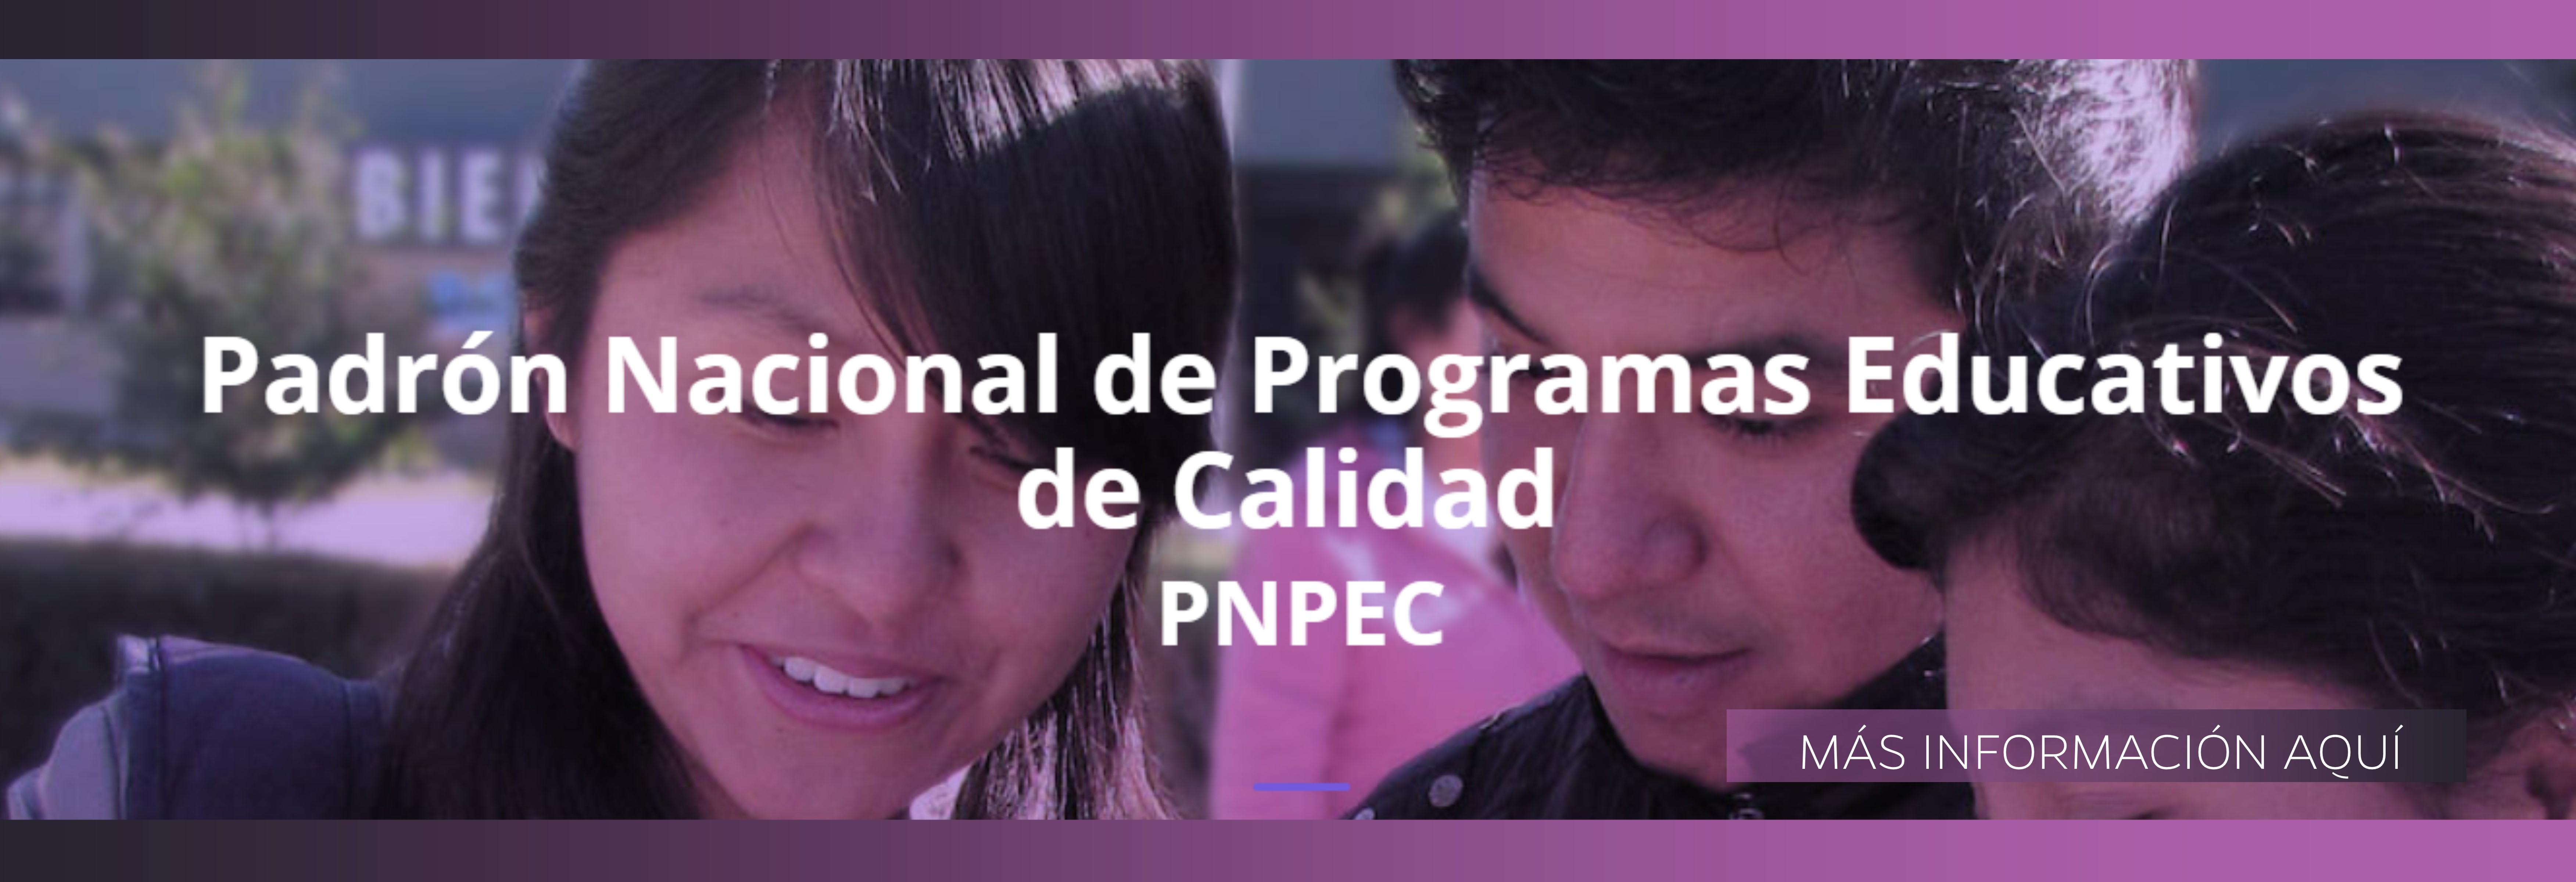 PNPEC